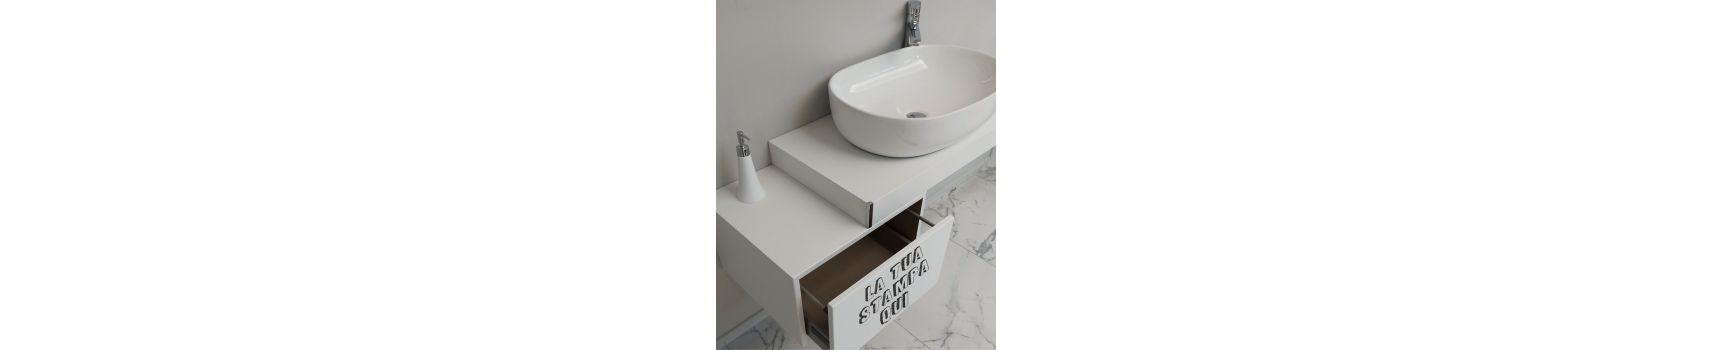 Mobili bagno con stampa personalizzata | Boleco